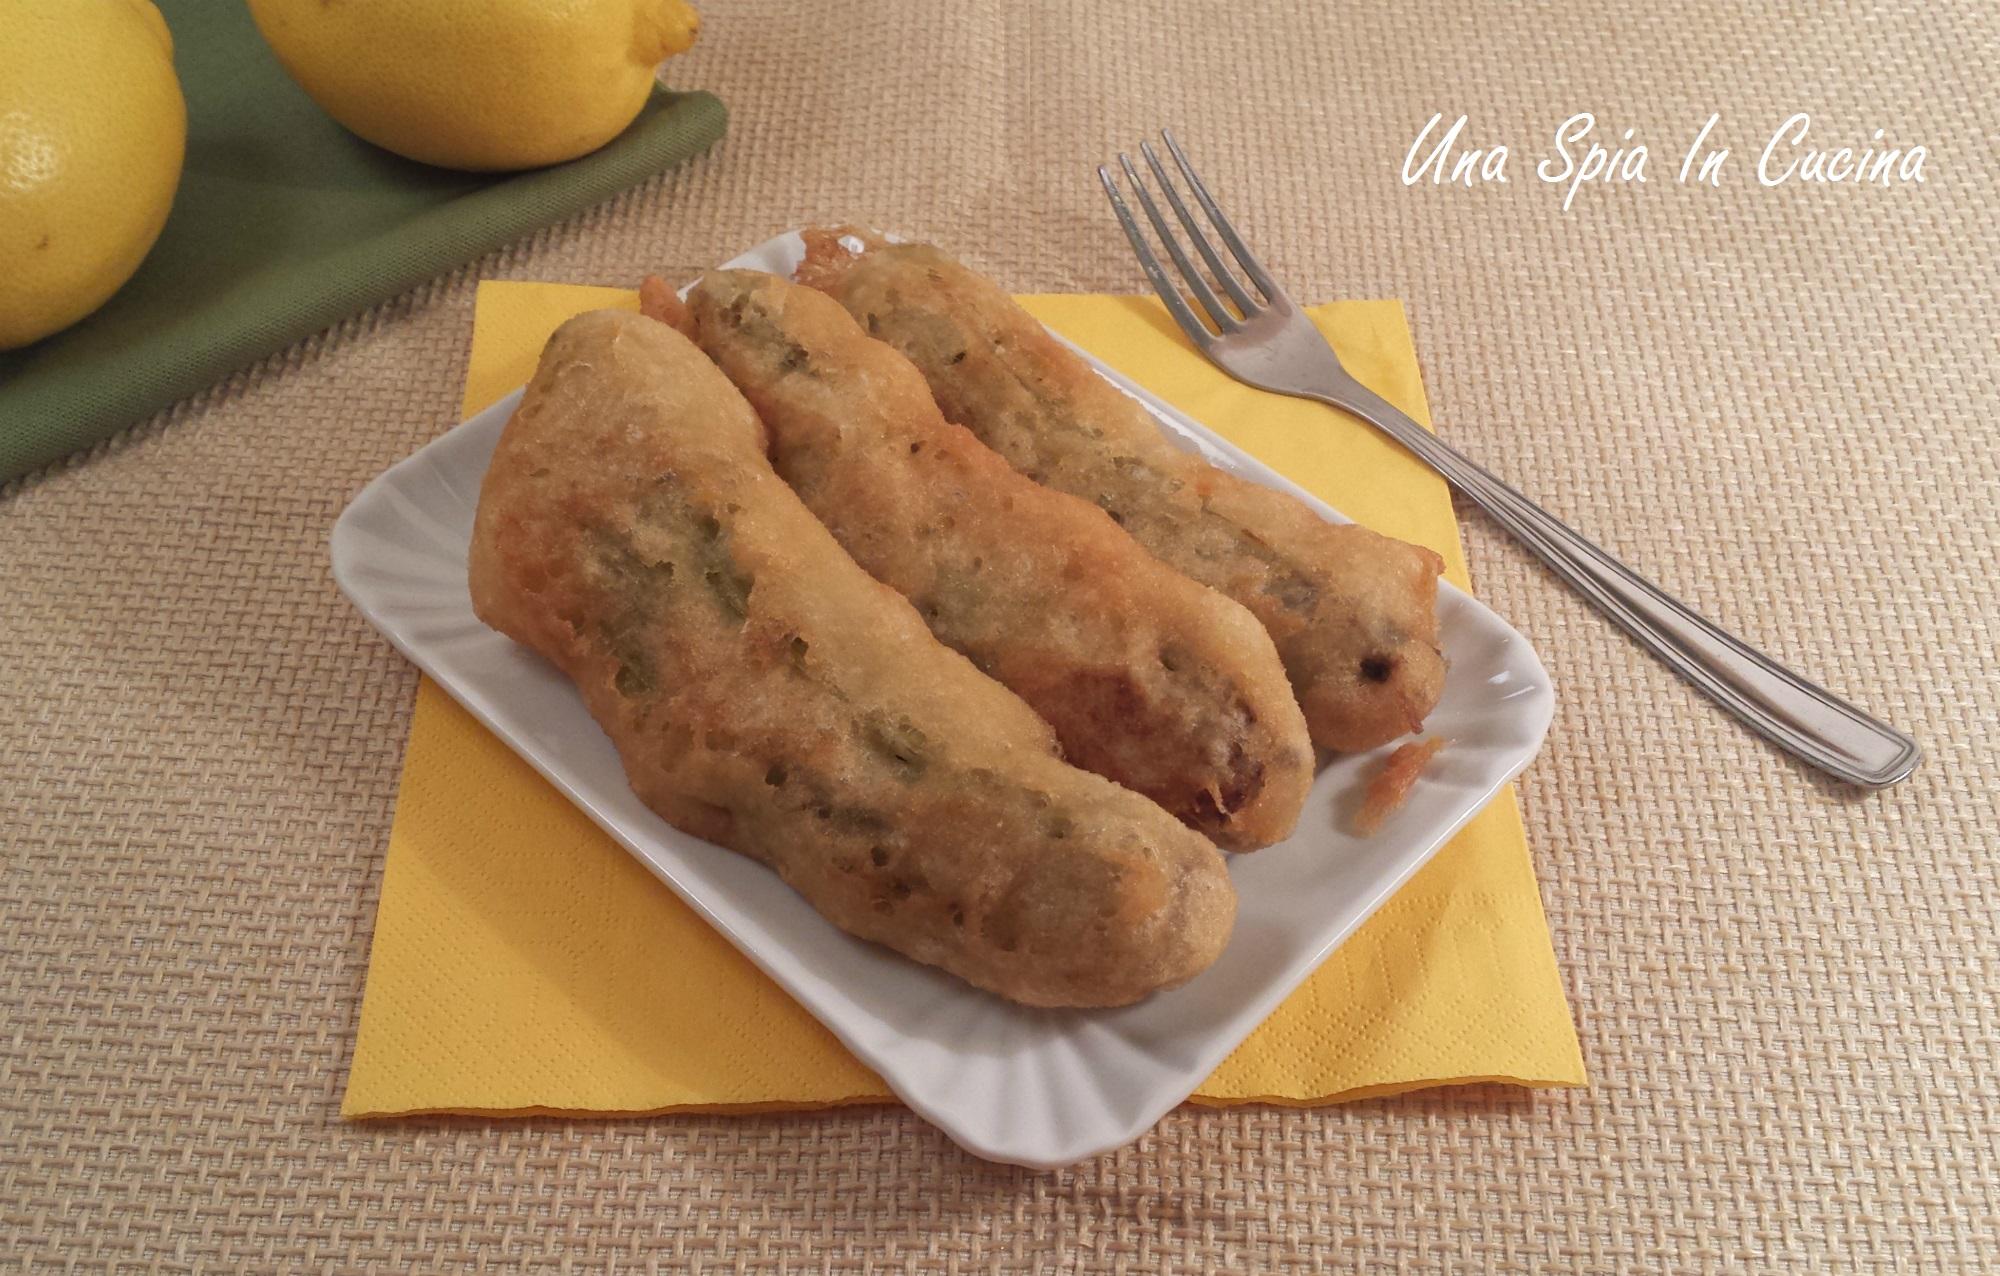 Cardi in pastella carduna a pastetta una spia in cucina - Cucinare i cardi ...